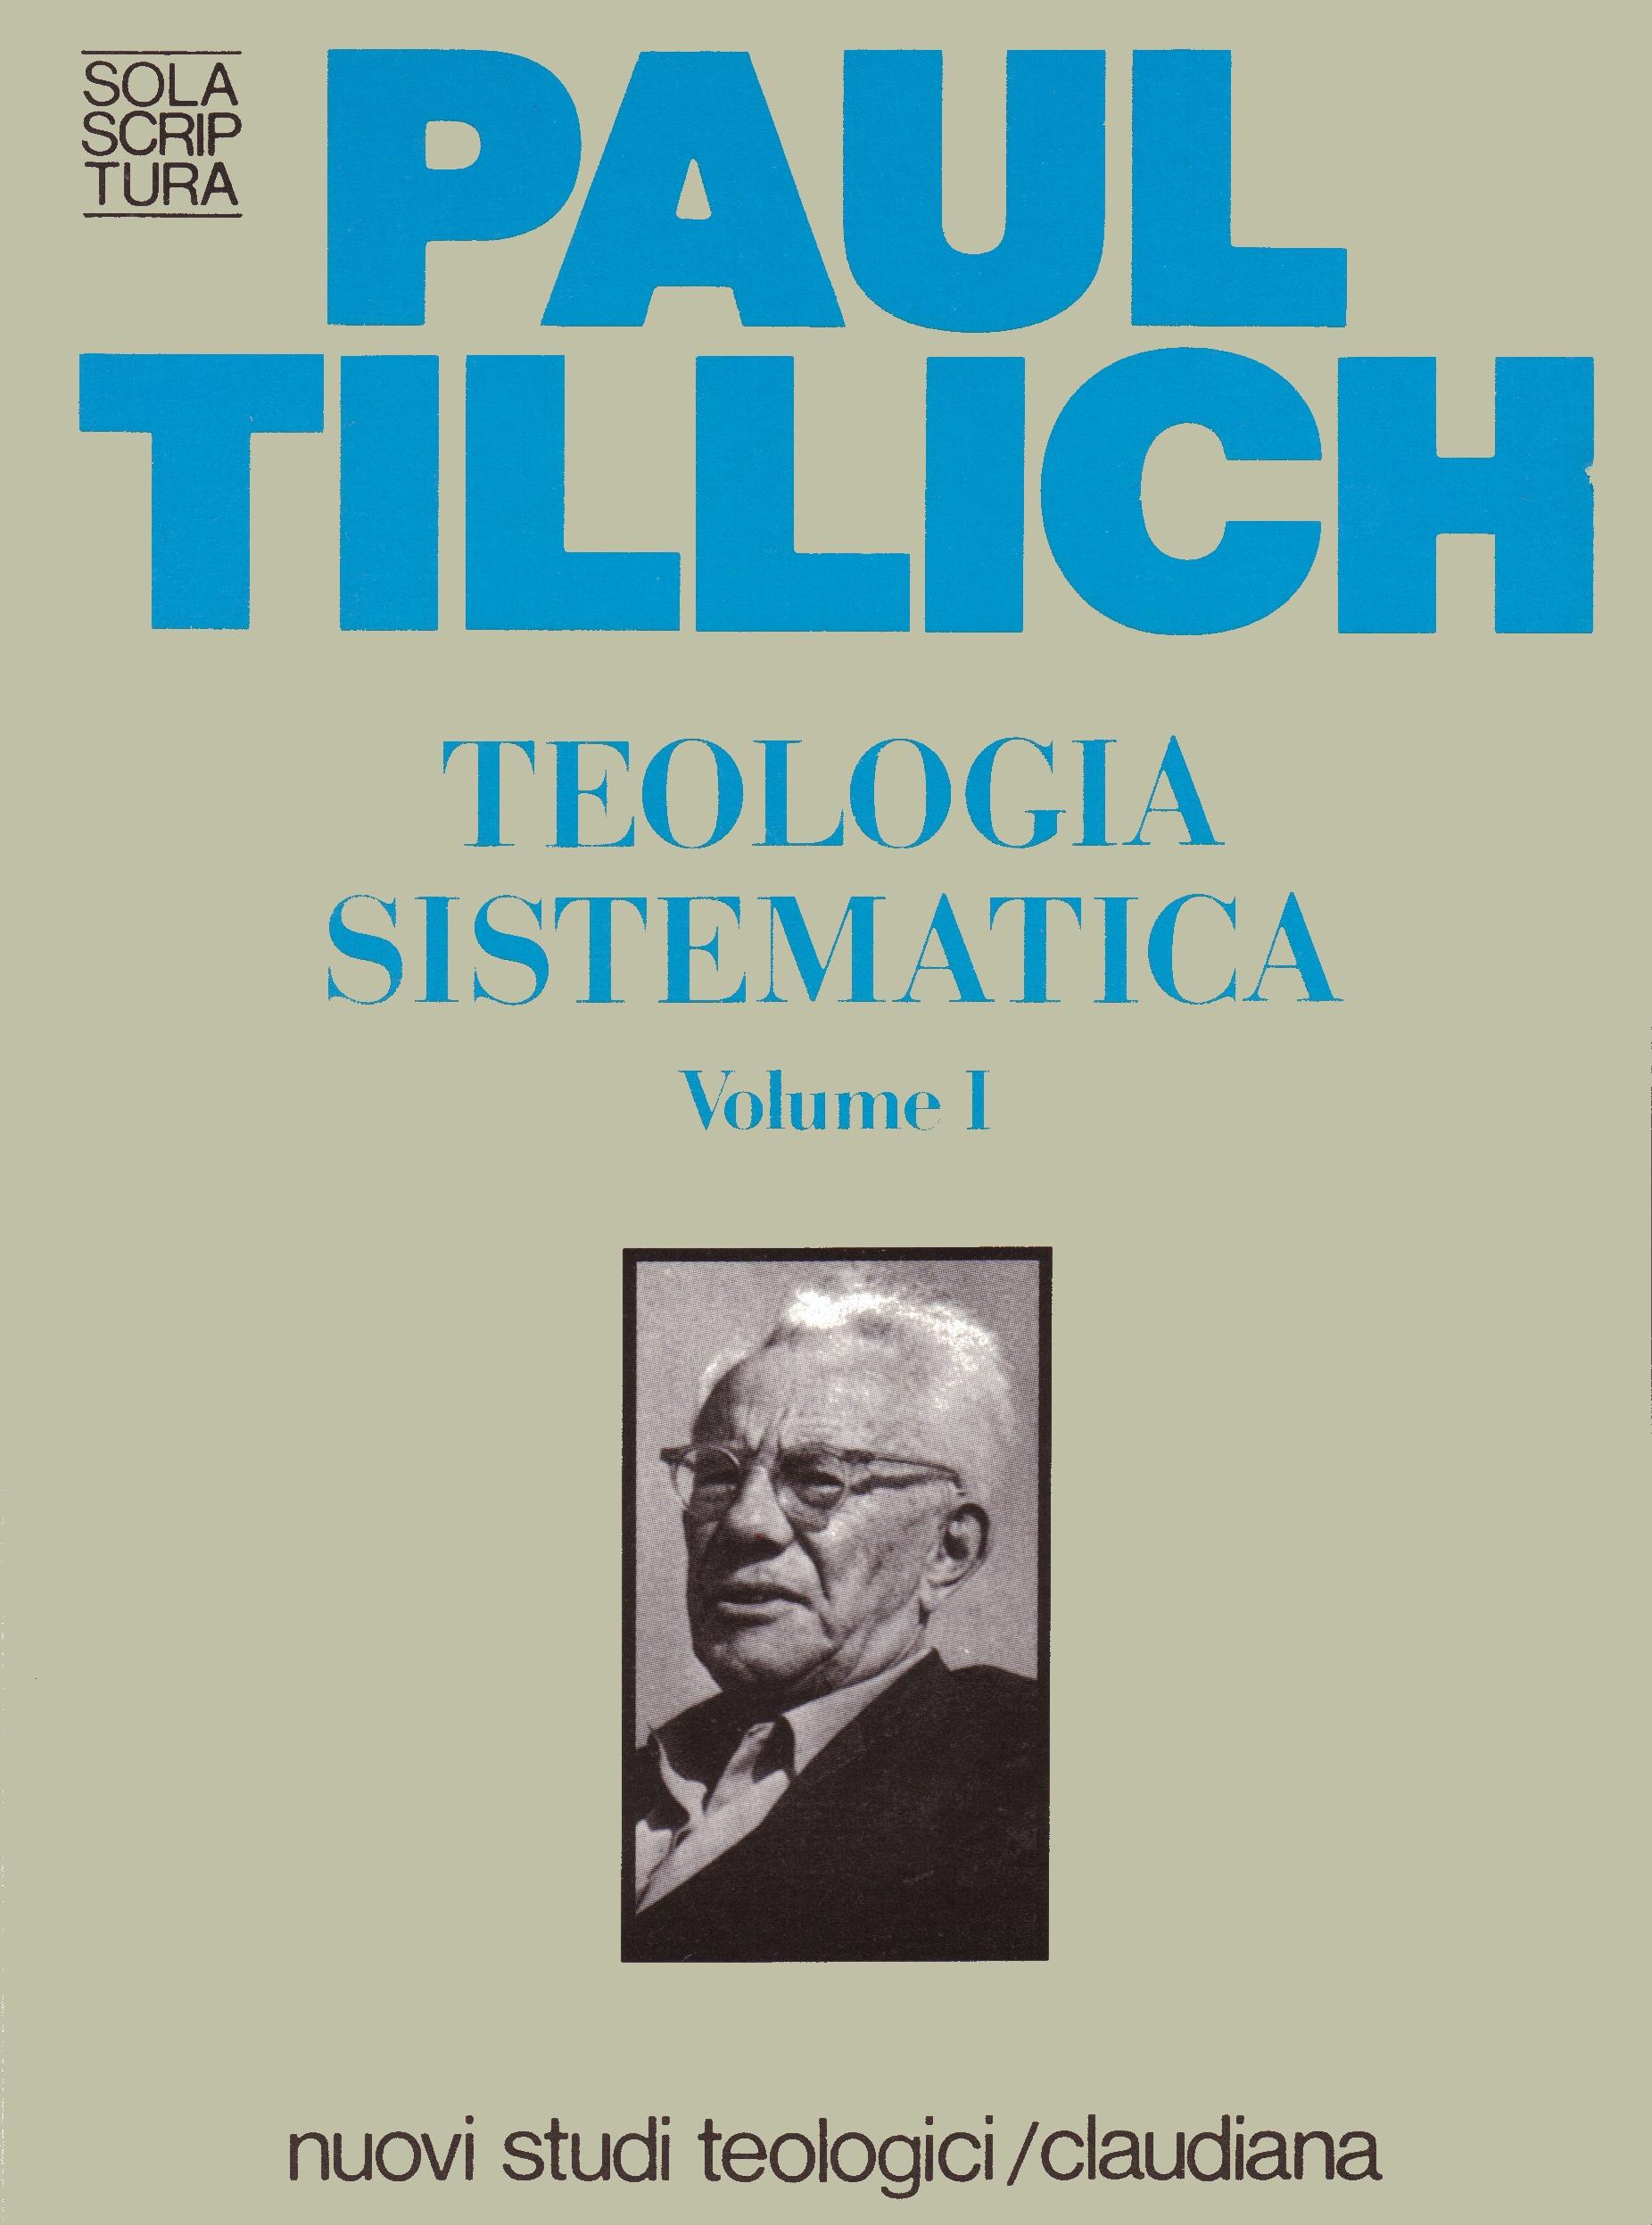 Teologia sistematica Volume I